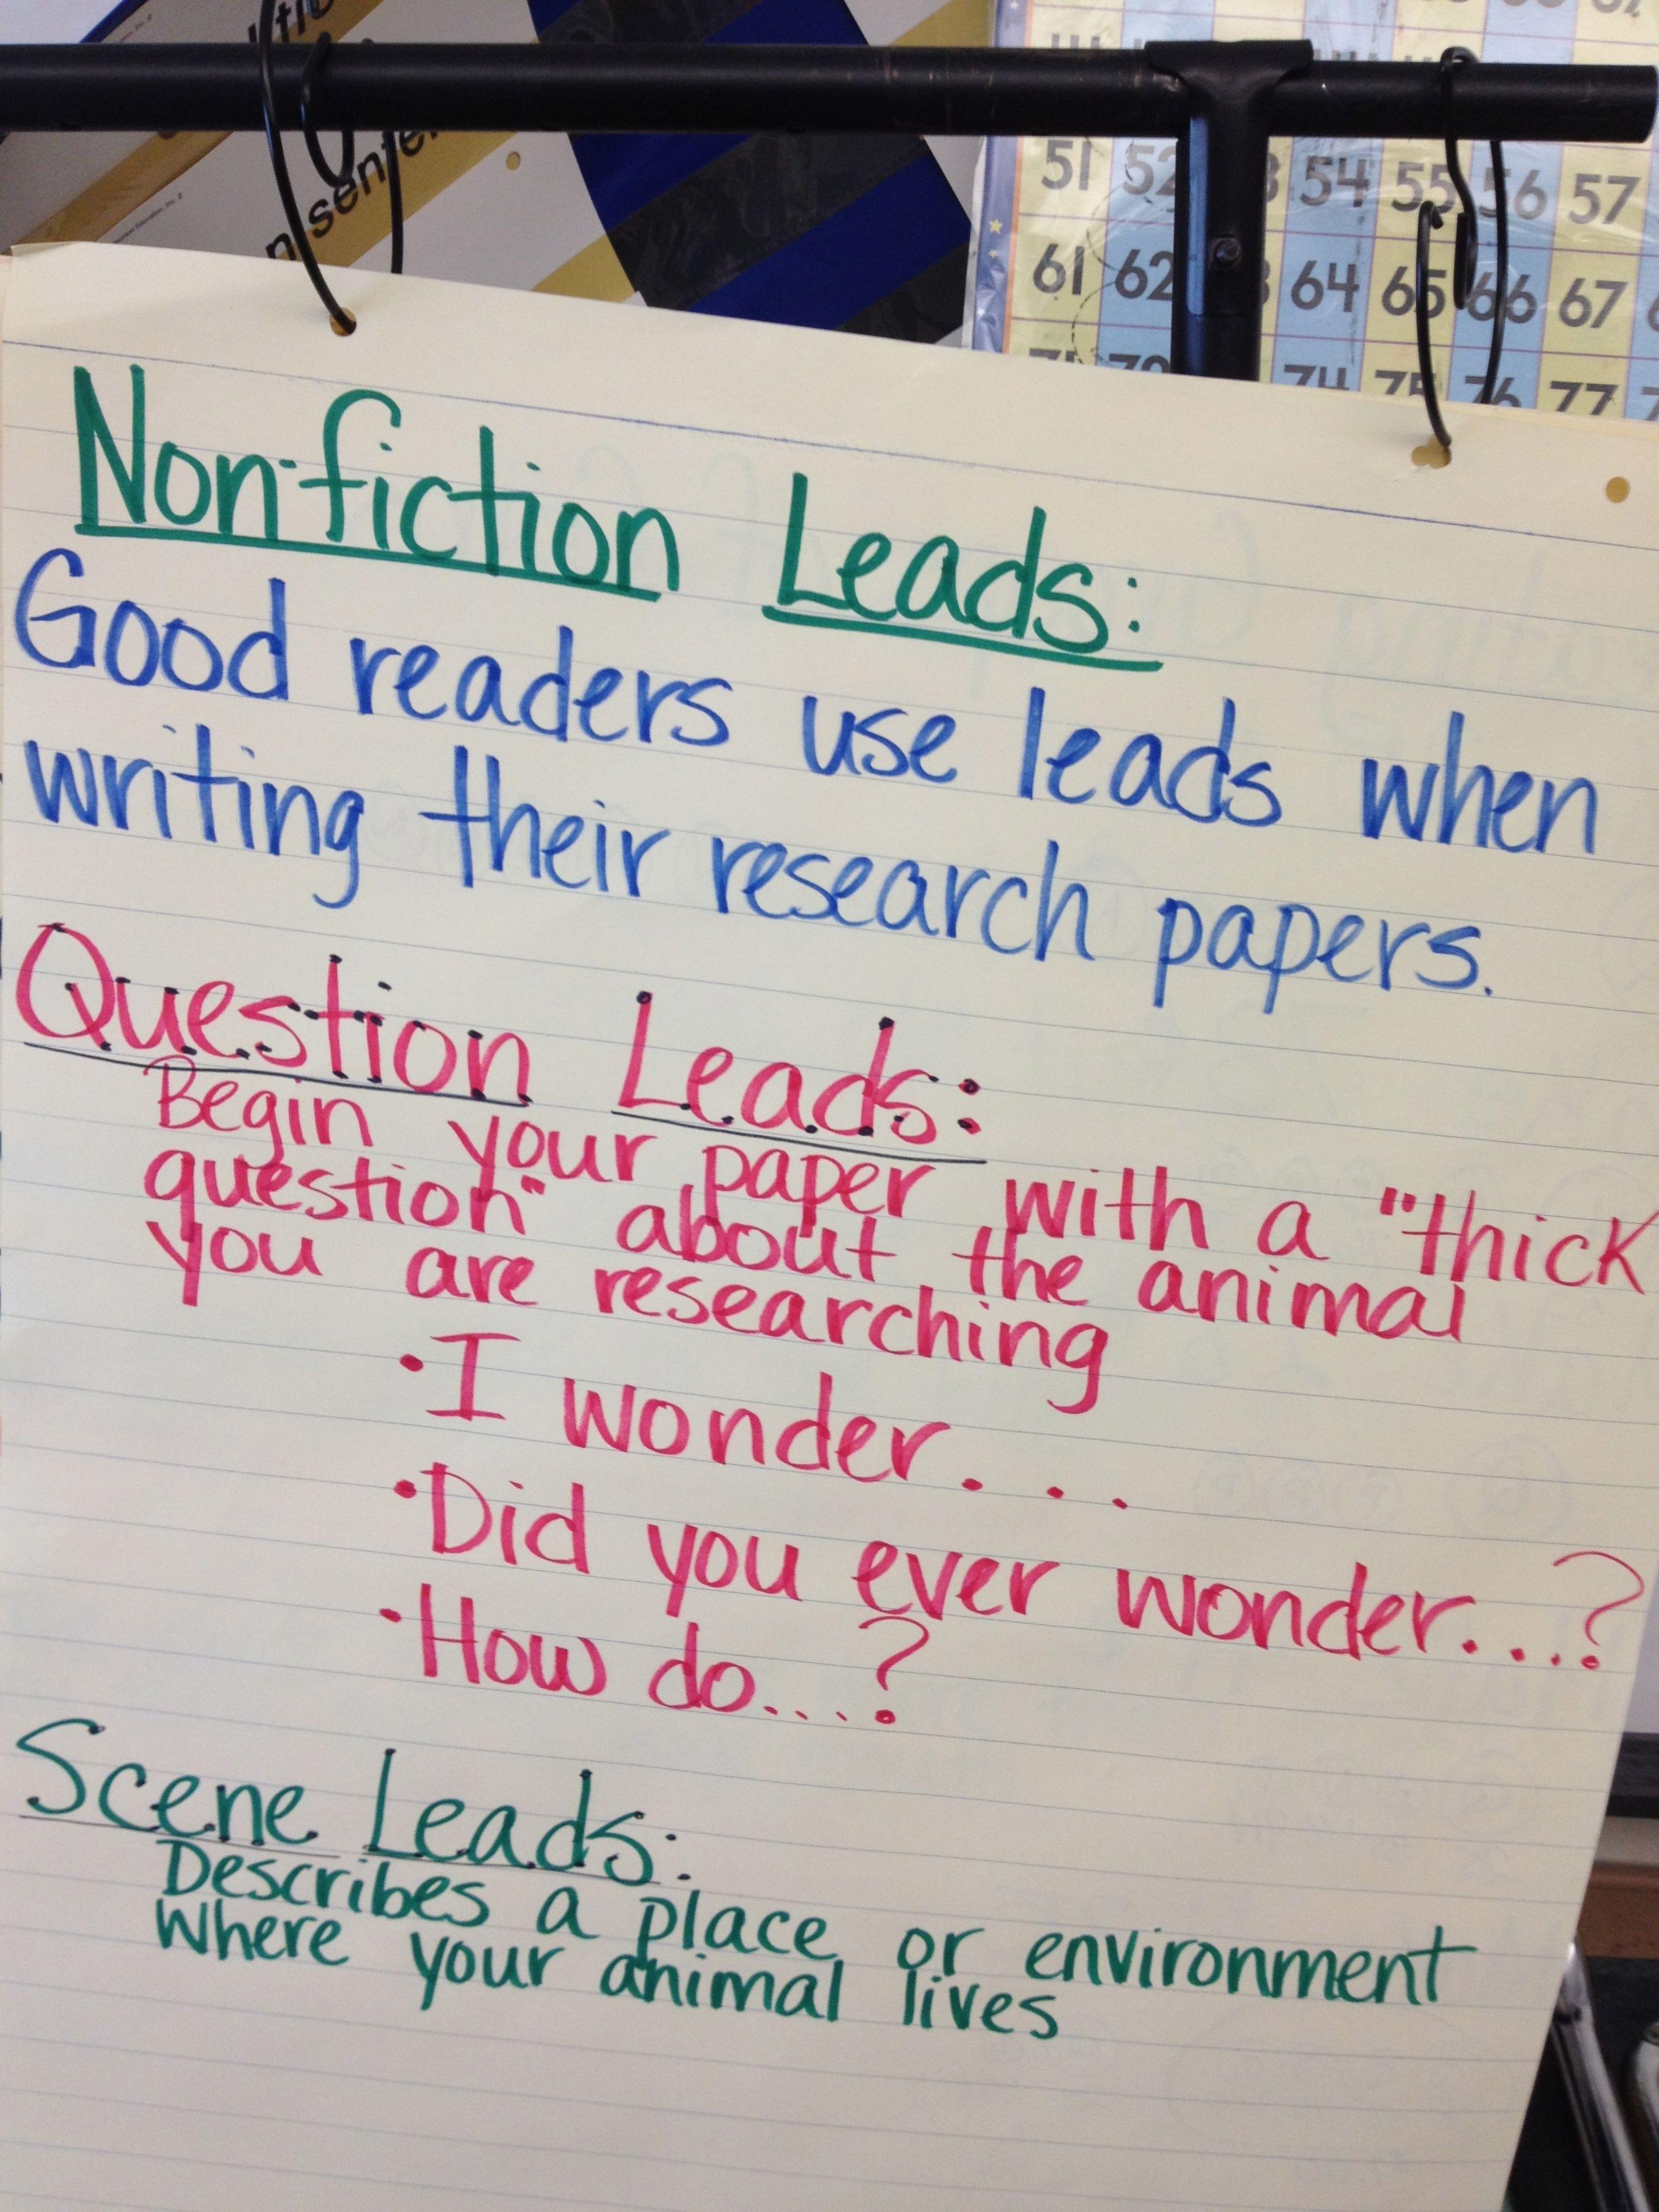 Nonfiction Leads